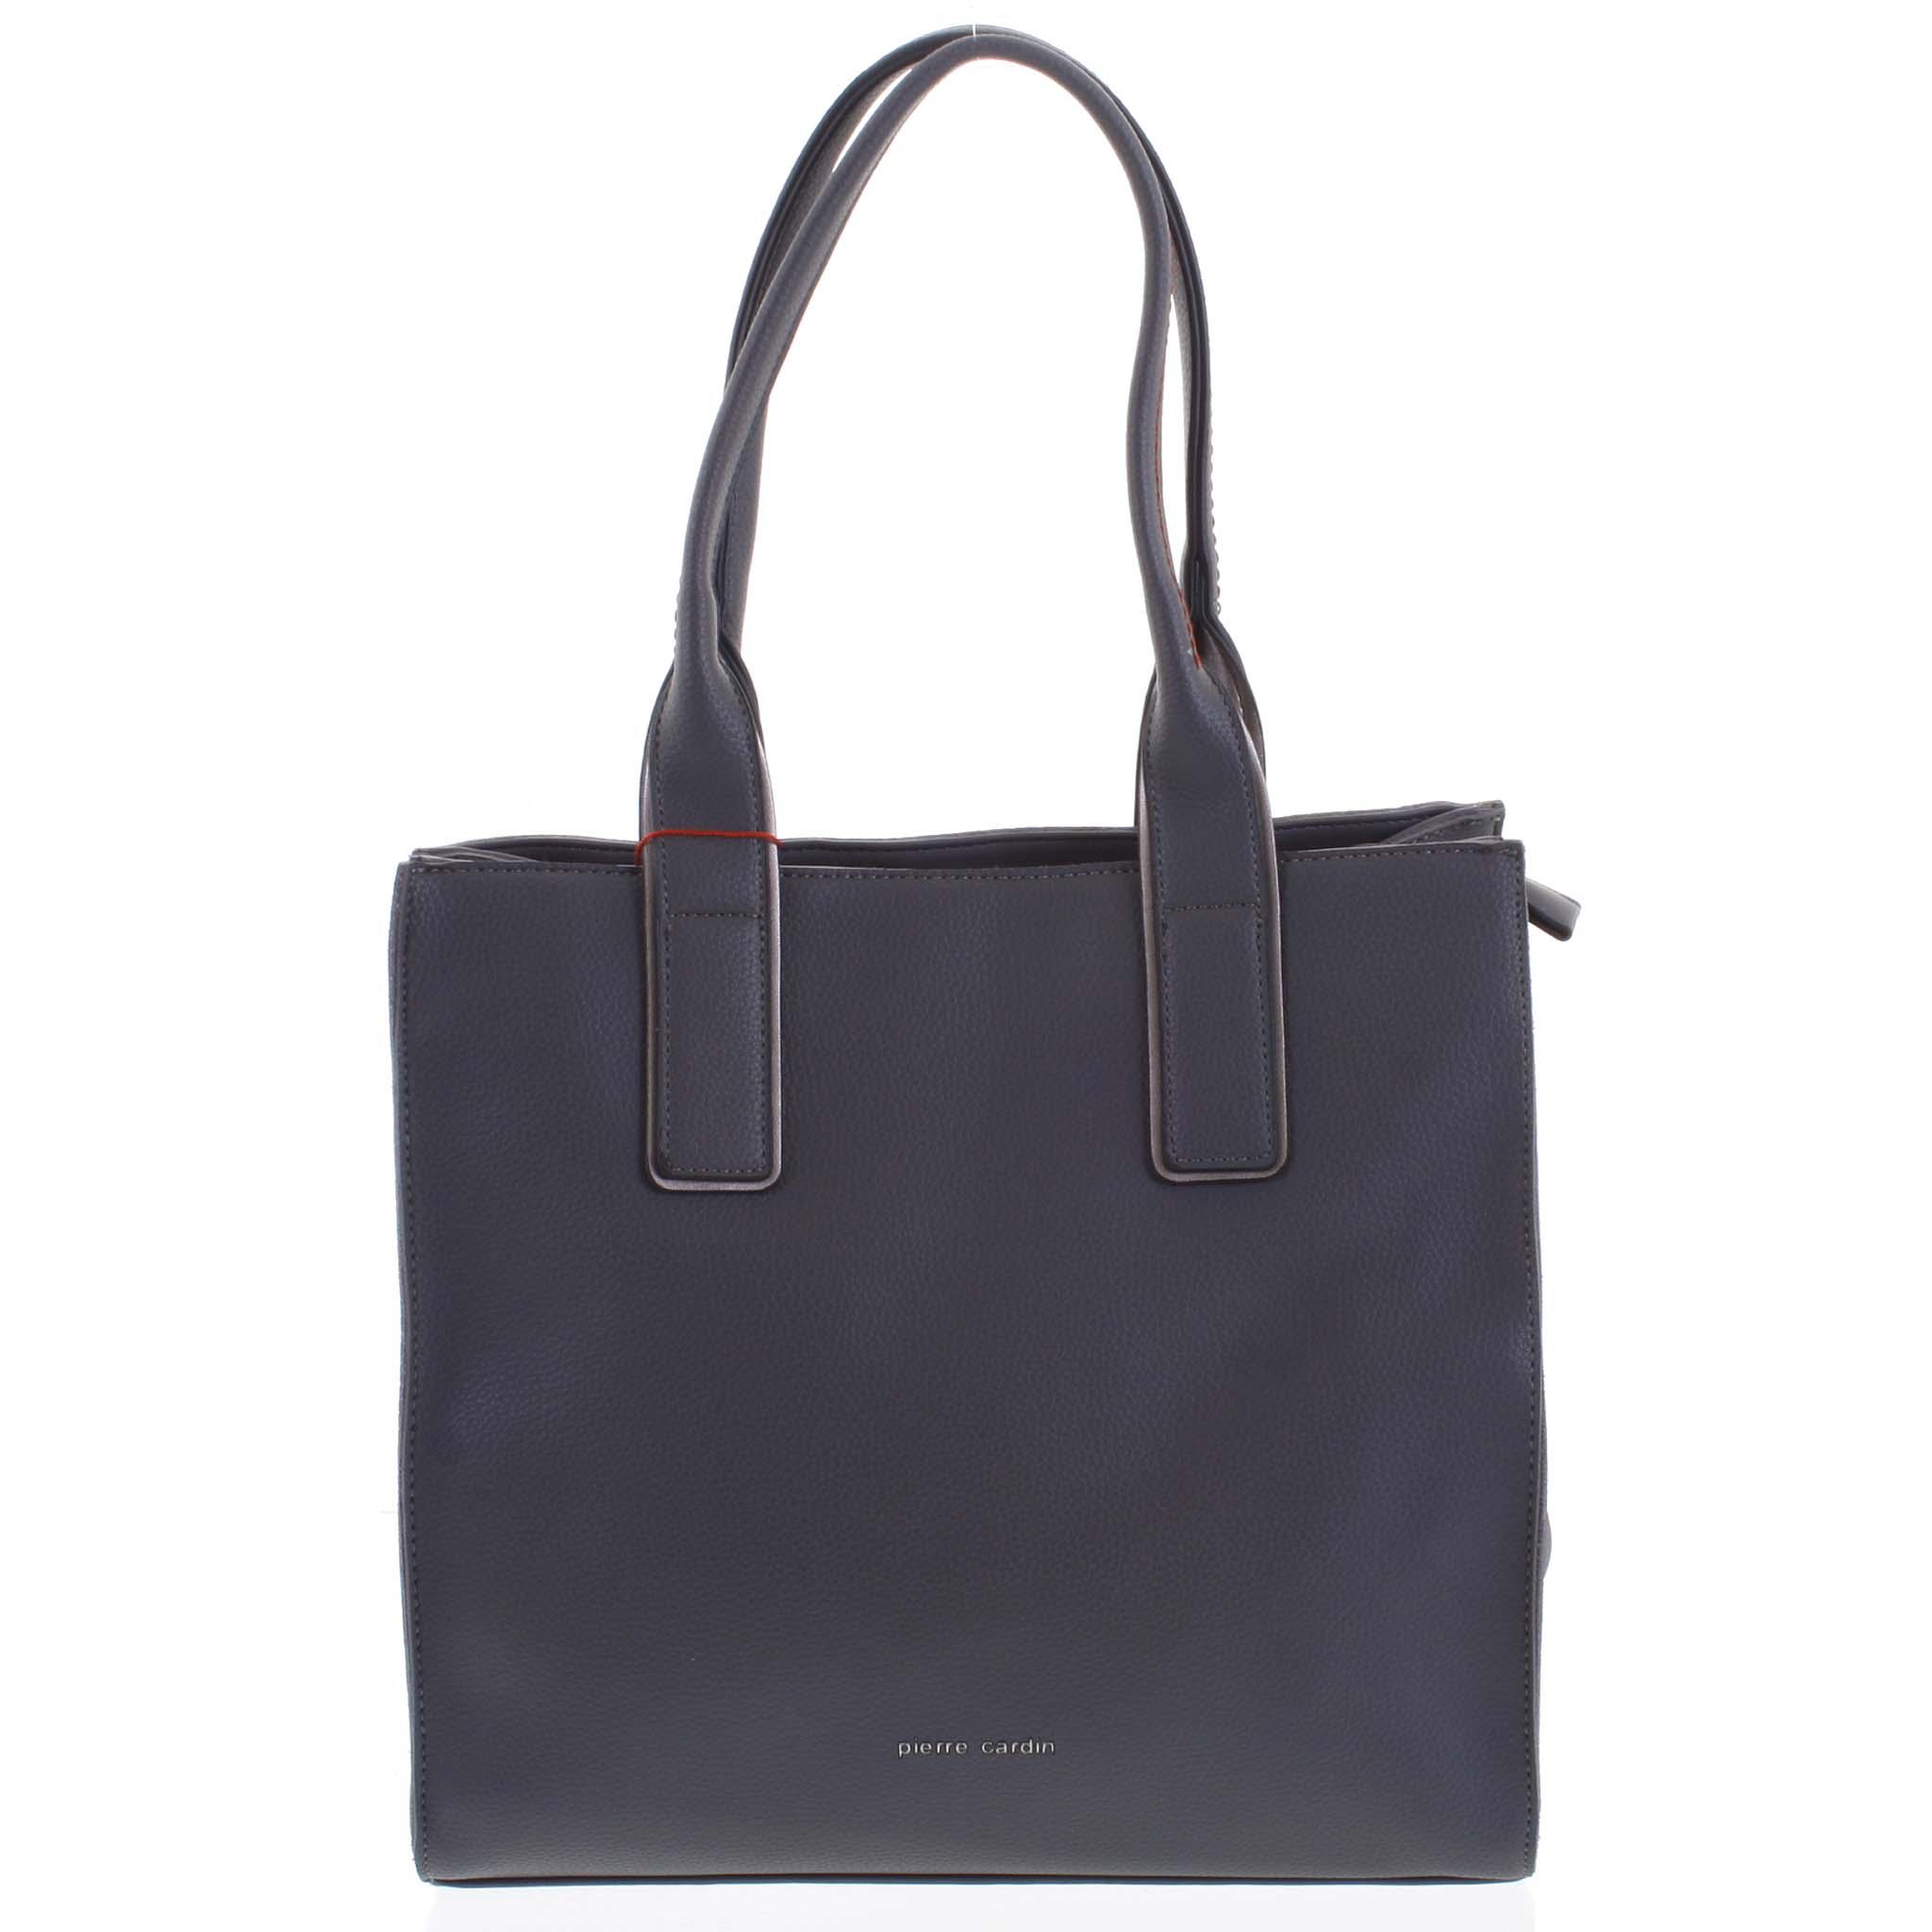 Dámská kabelka přes rameno tmavě šedá - Pierre Cardin Thema